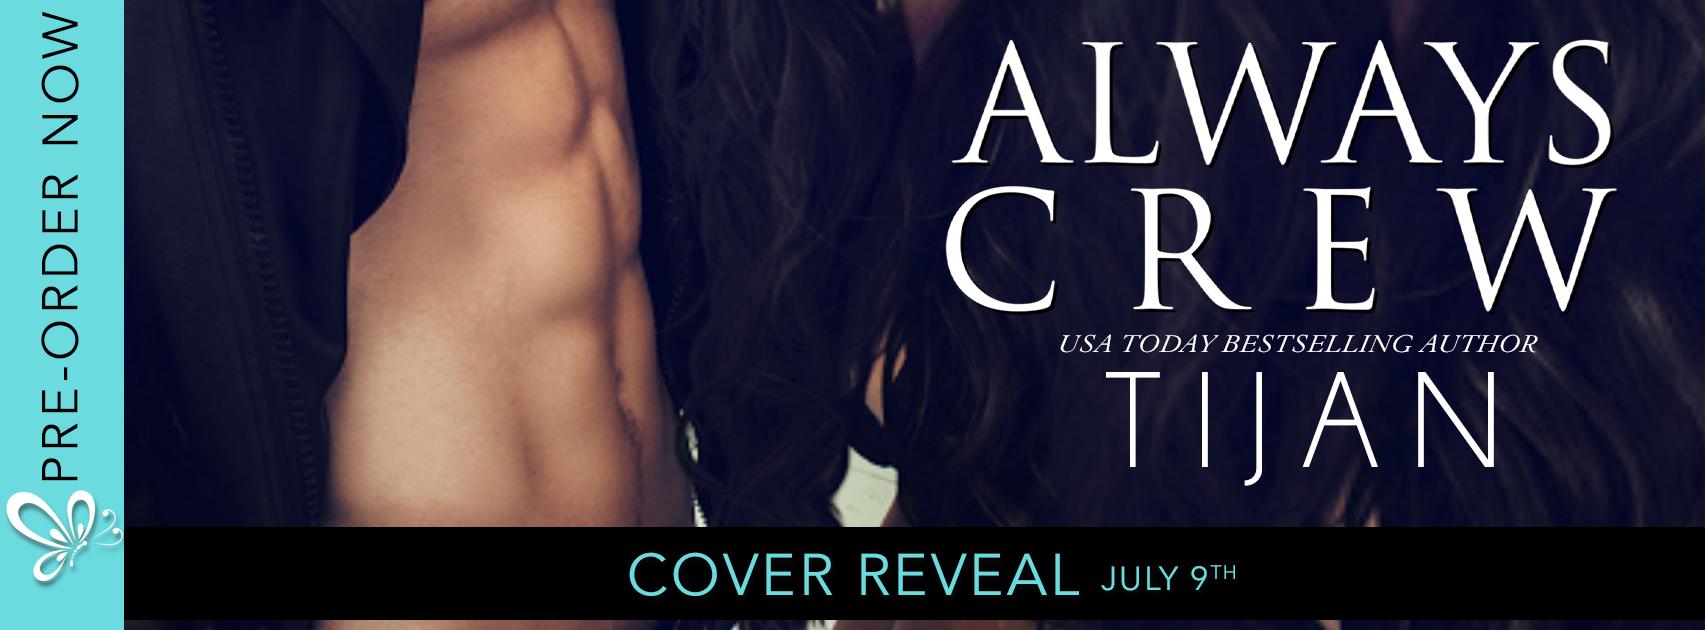 Always Crew - CR banner